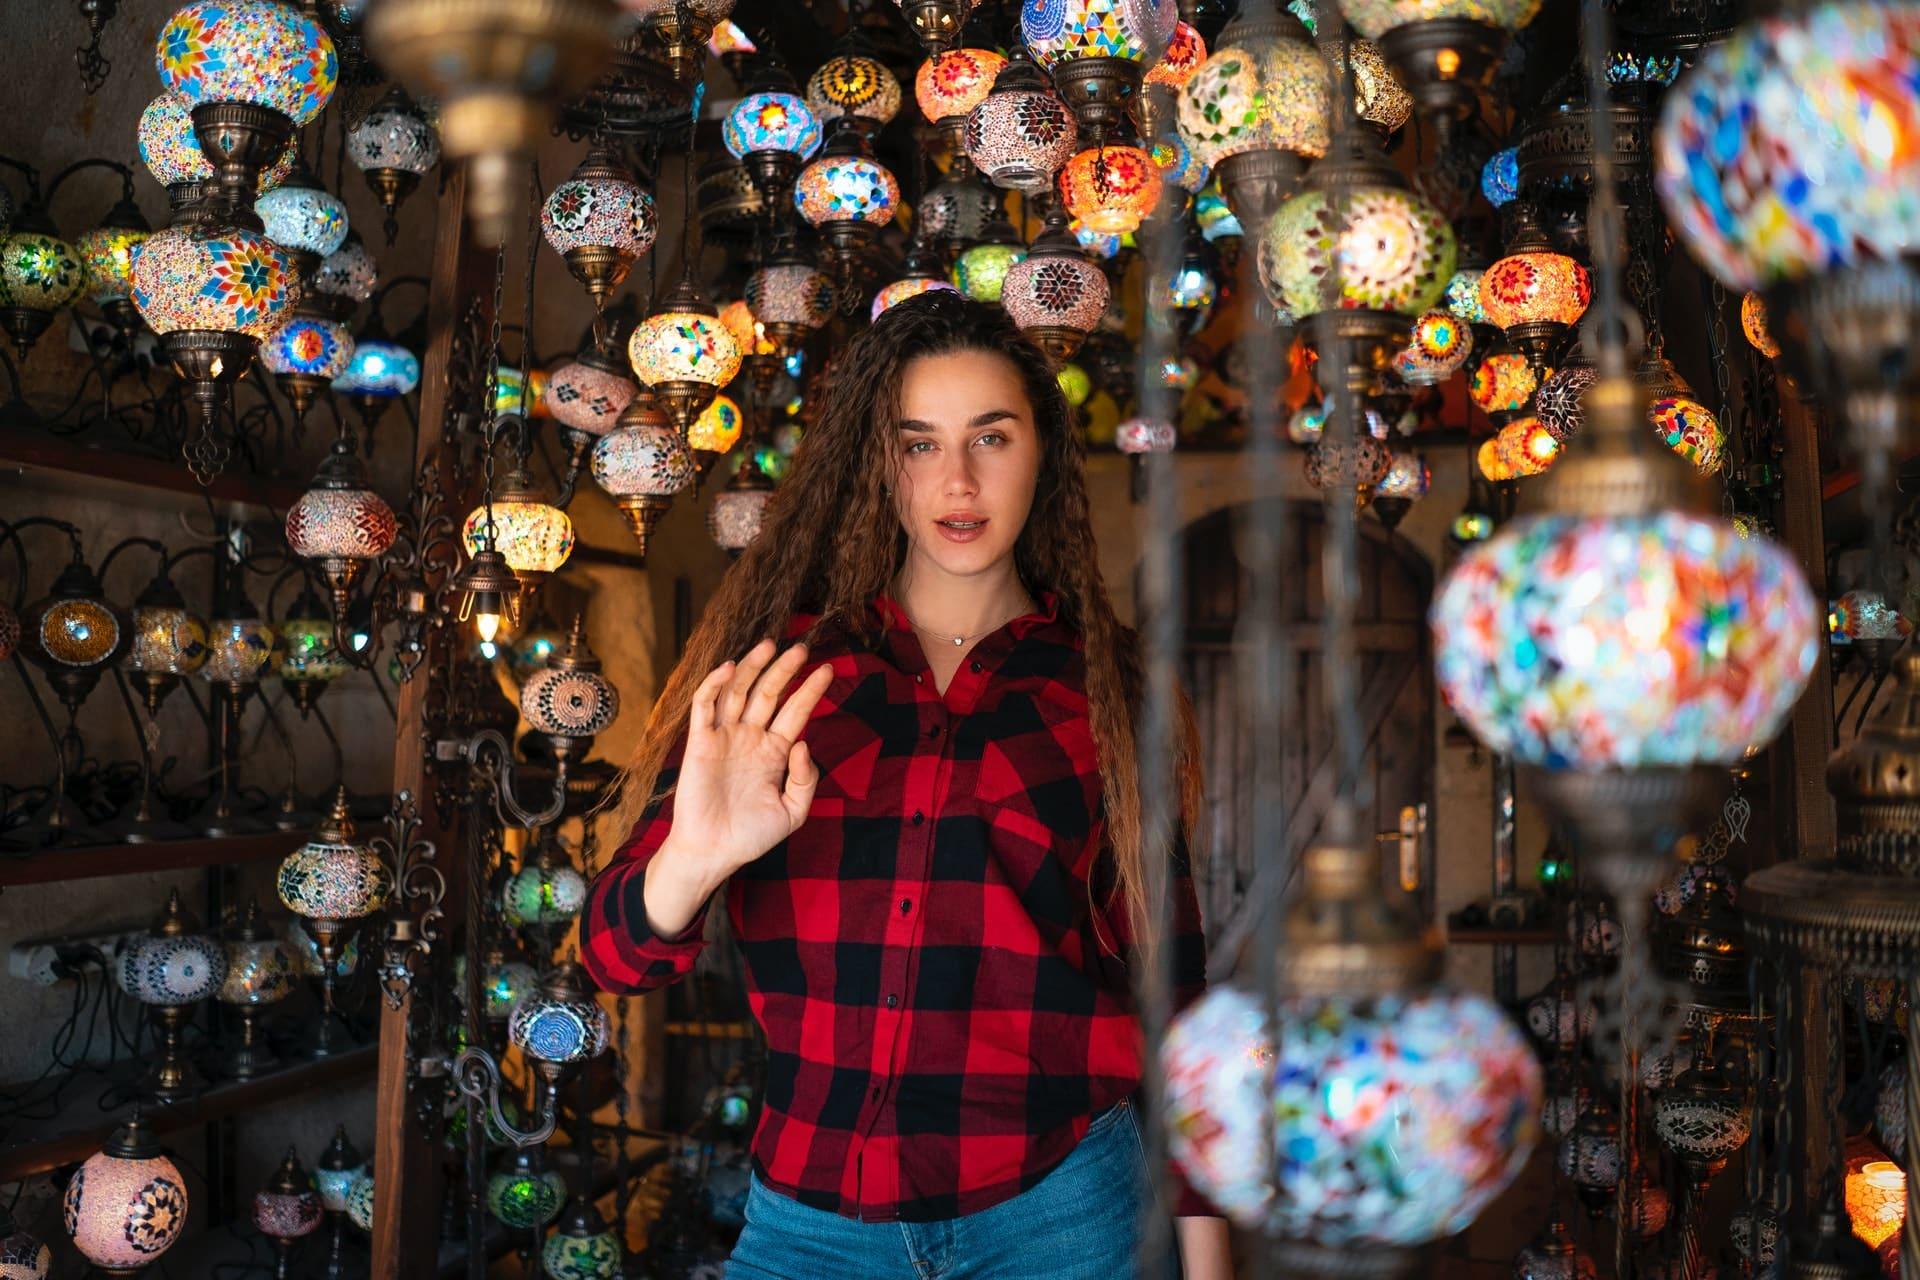 Tienda de Alfombras y Lámparas de Goreme en Capadocia, Turquía, 10 cosas que hacer